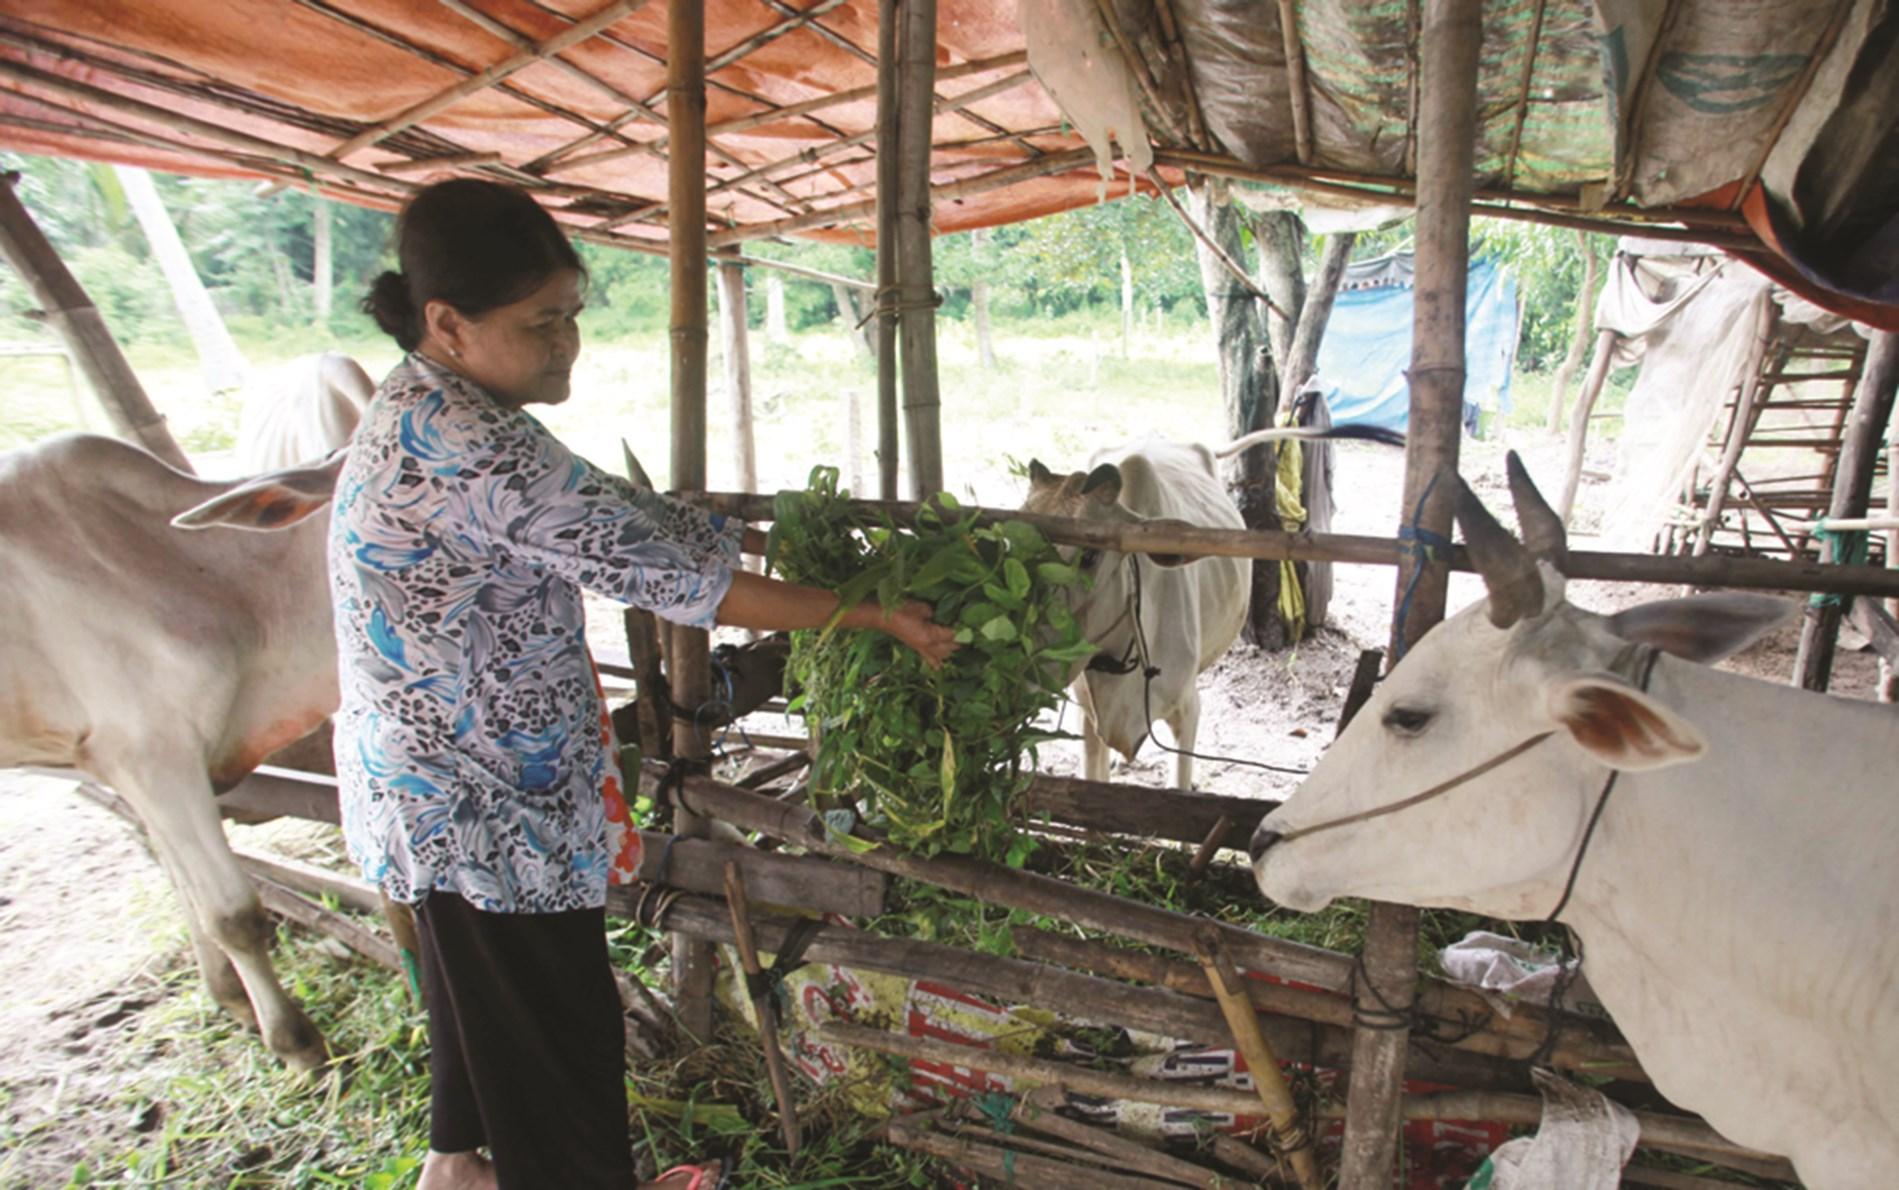 Nhờ vốn vay ưu đãi từ NHCSXH, nhiều hộ nghèo ở tỉnh An Giang có cơ hội vươn lên thoát nghèo, ổn định cuộc sống.